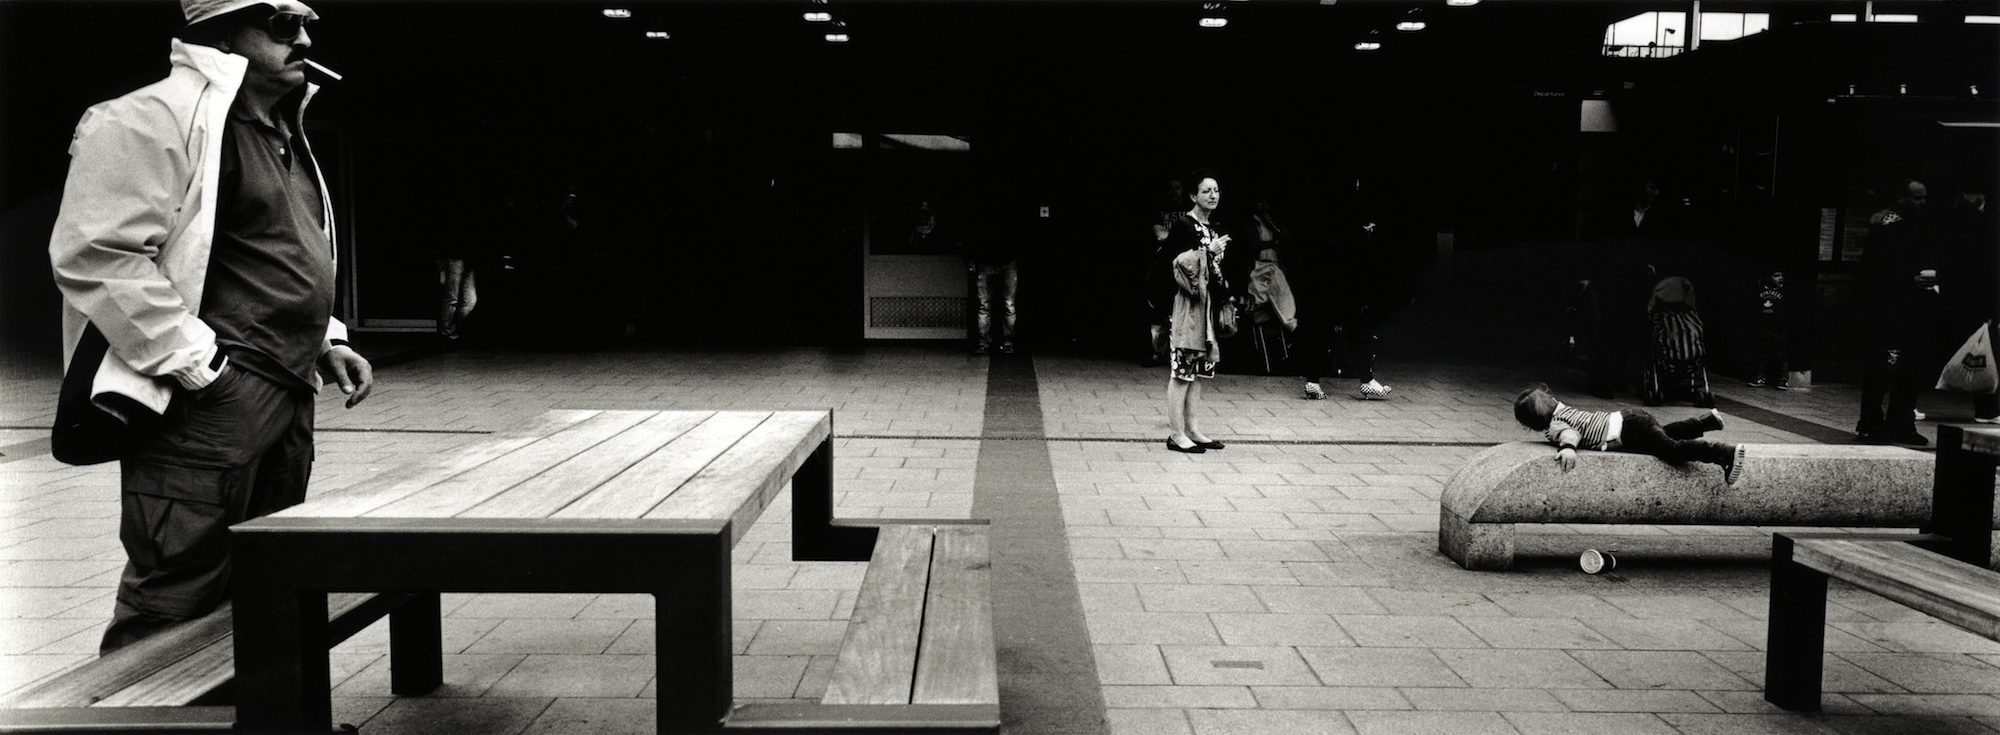 walter_rothwell_panoramic_photography_04.jpg